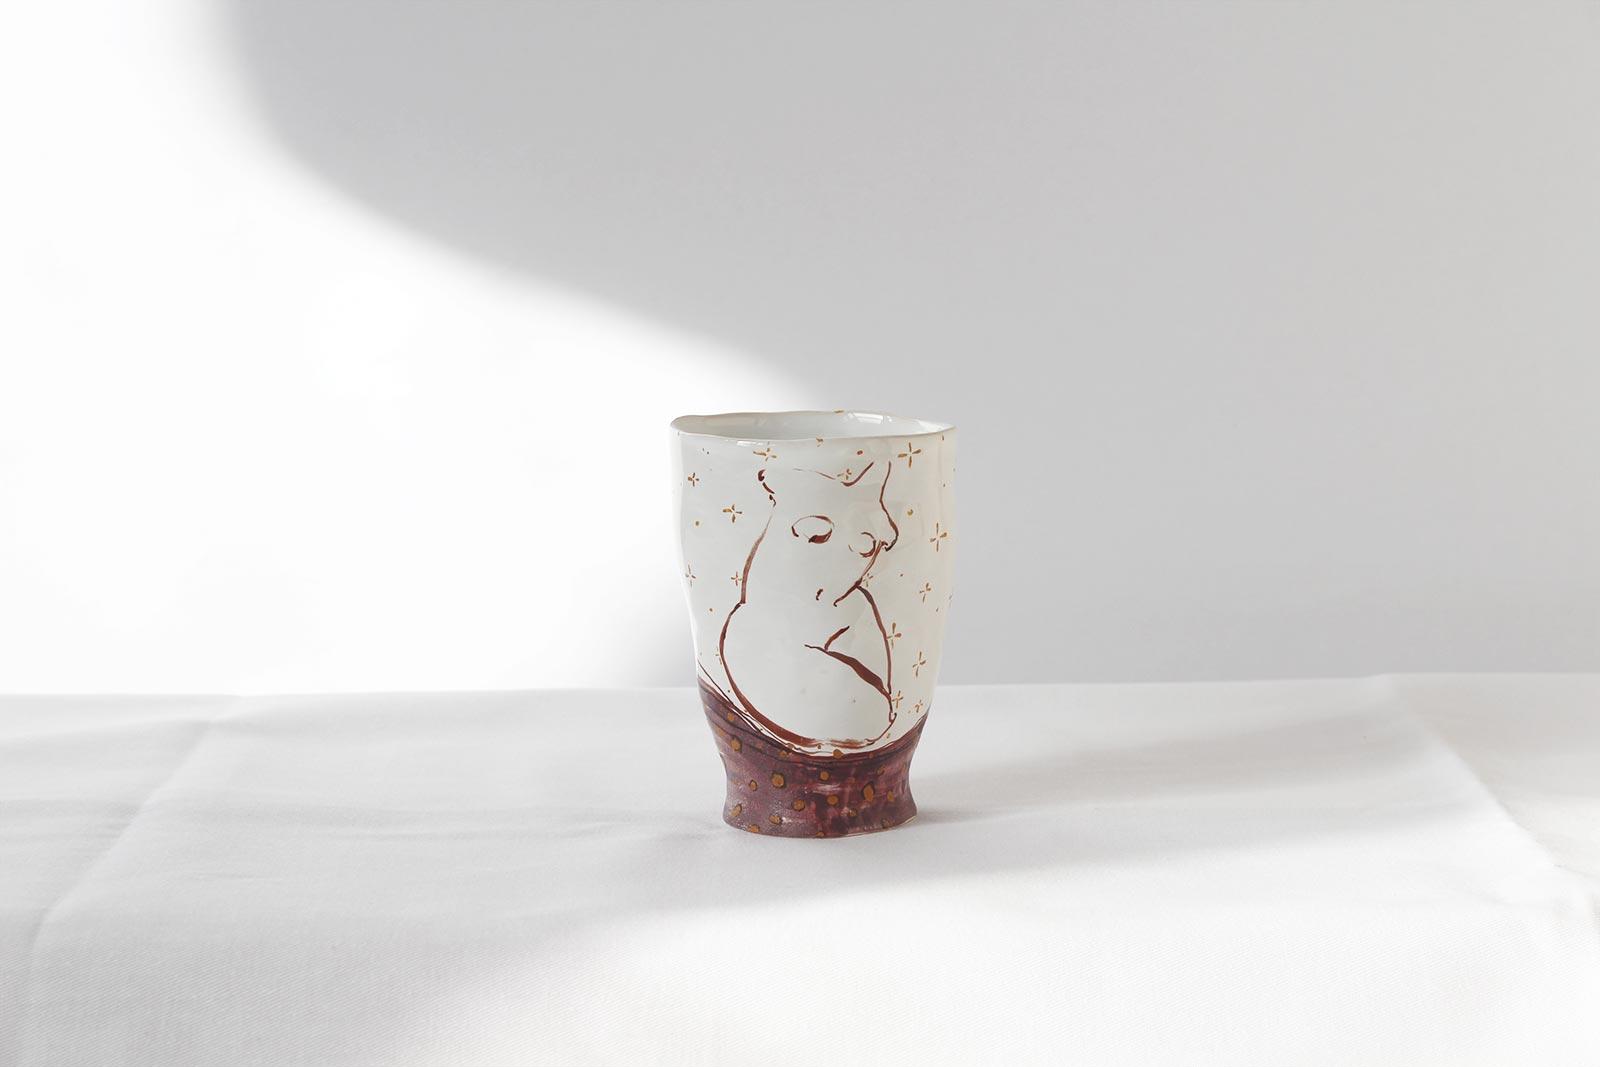 Decorative ceramic glass (Handmade)